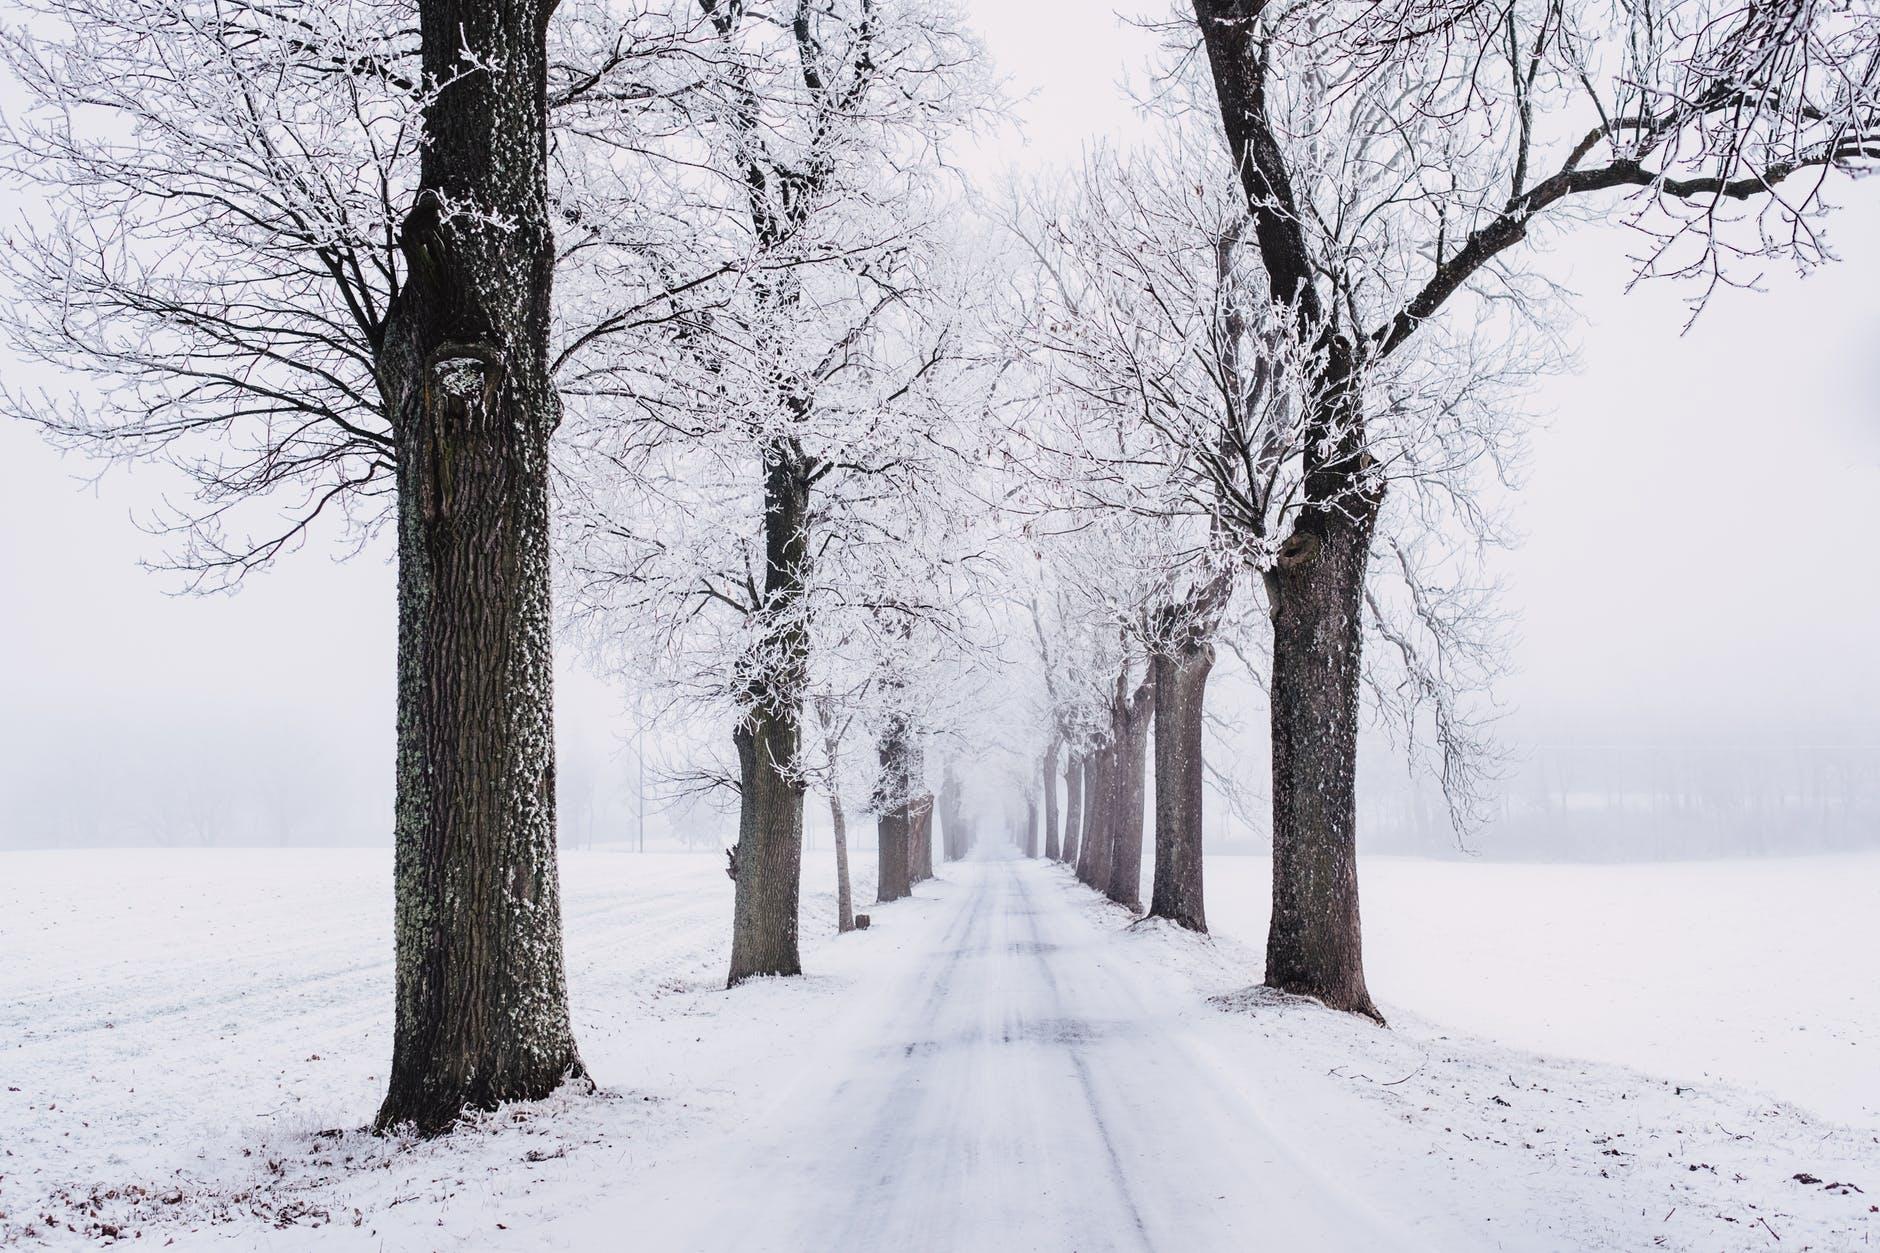 Zaterdag: Sneeuw! (Code Geel)